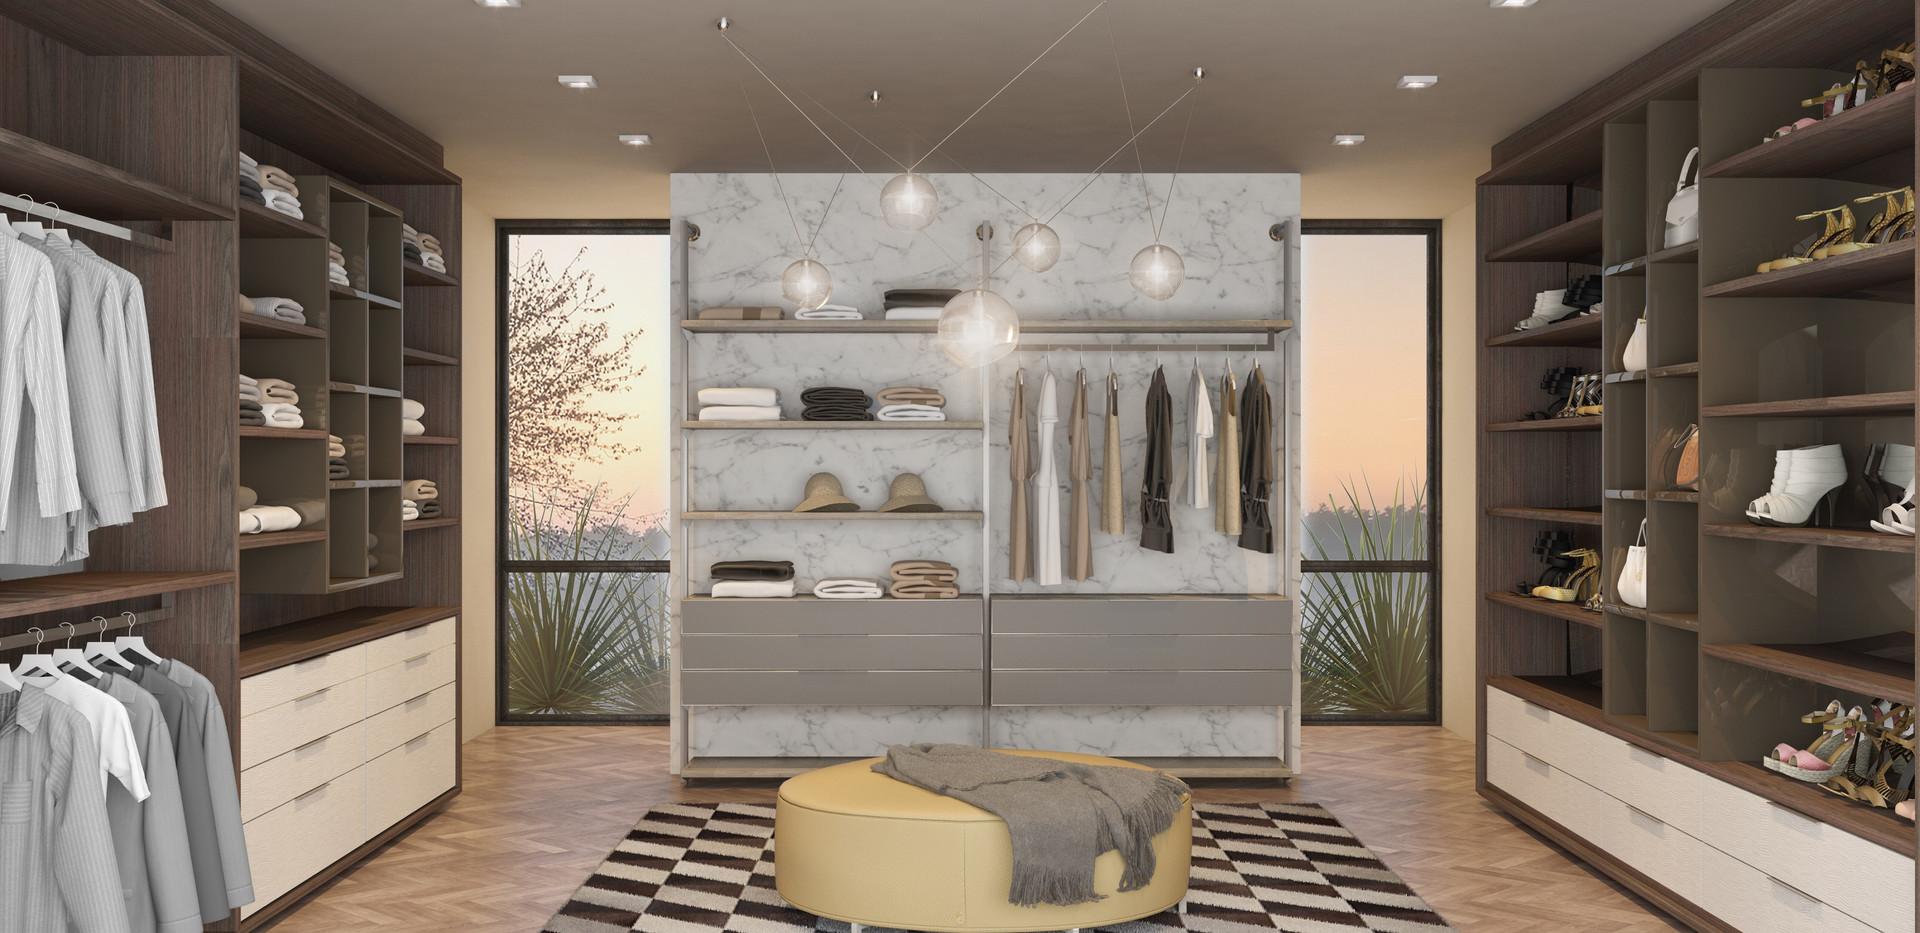 CLO02_closet_armário_quarto_dormitório_p